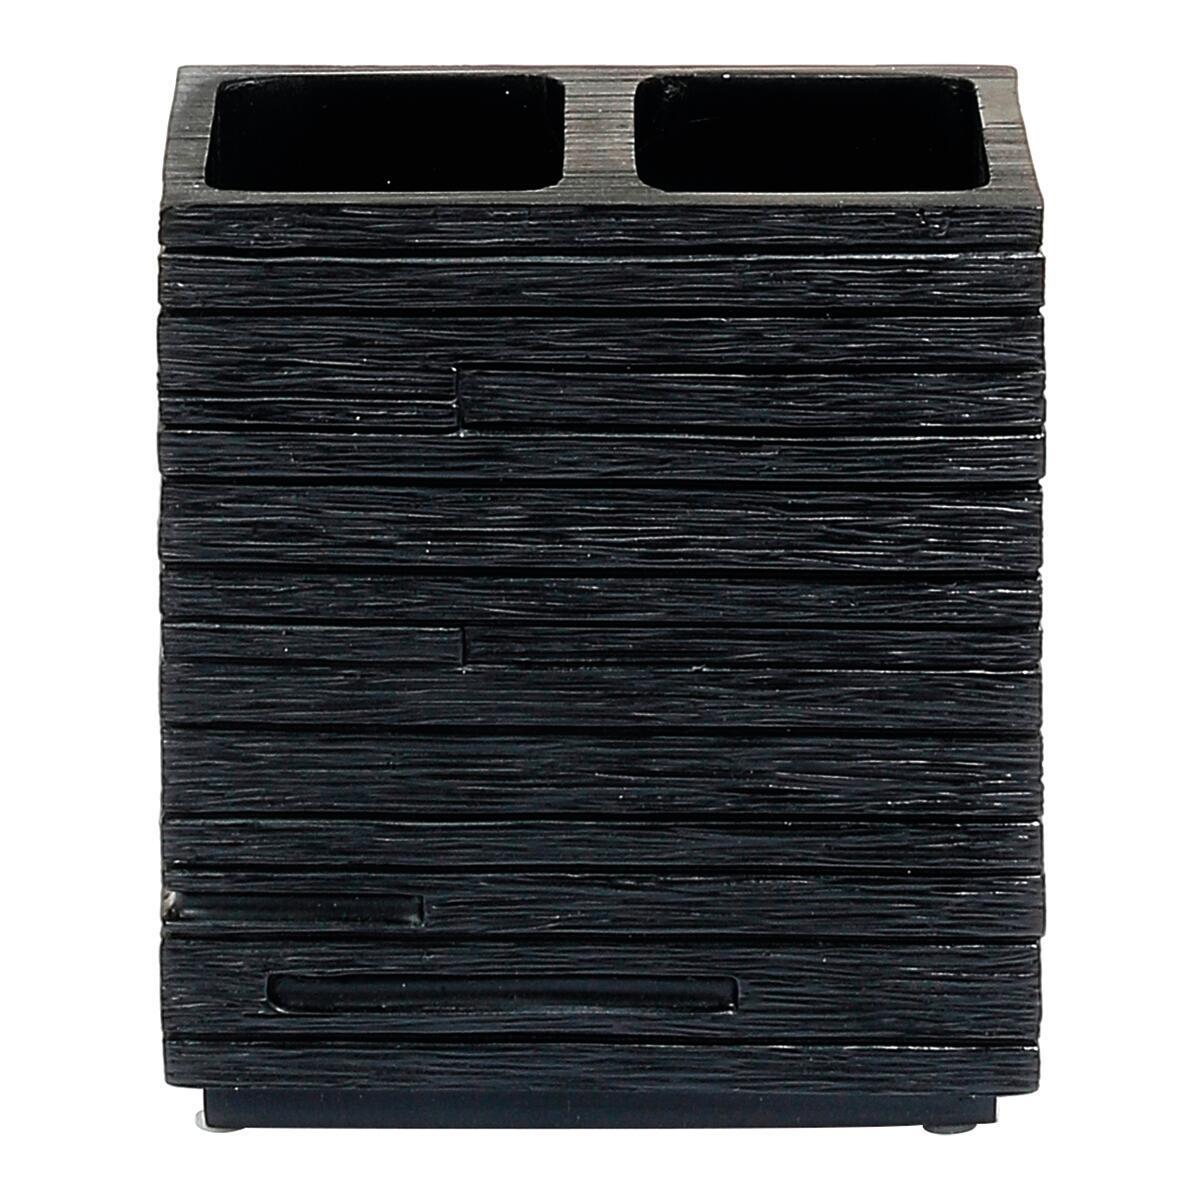 Bicchiere porta spazzolini in resina nero - 2